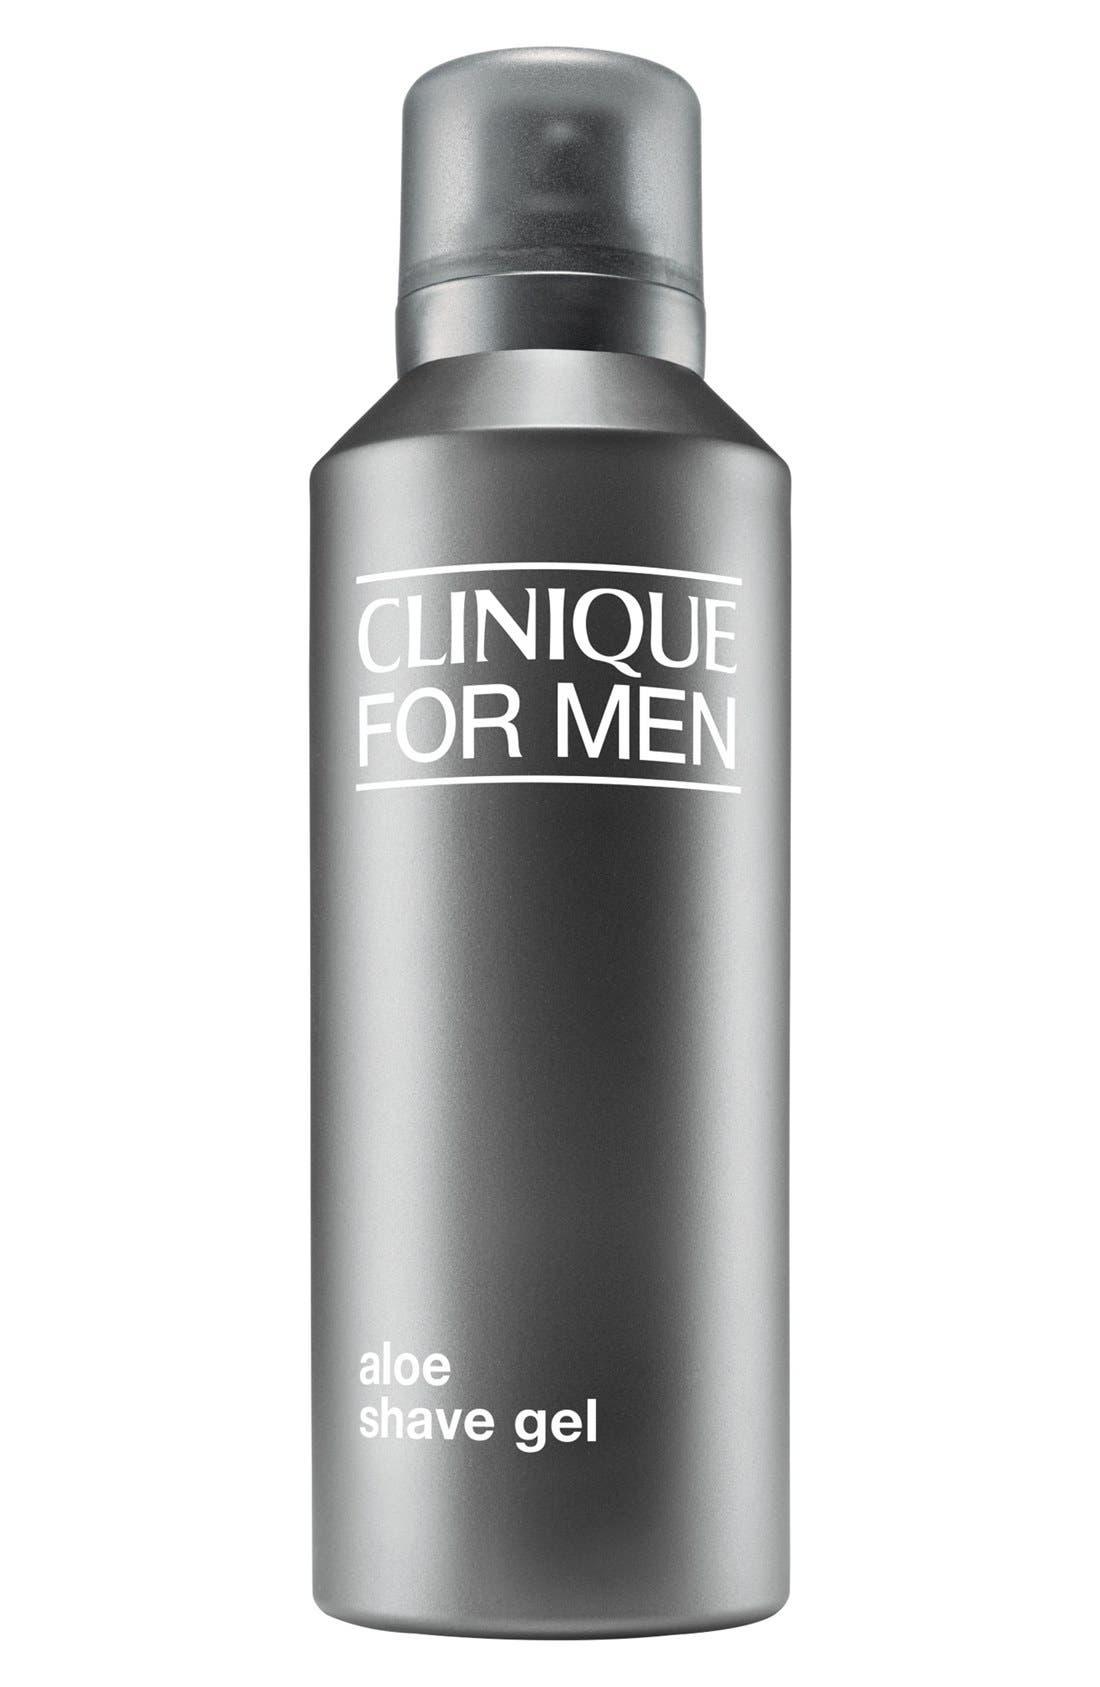 CLINIQUE, for Men Aloe Shave Gel, Main thumbnail 1, color, NO COLOR